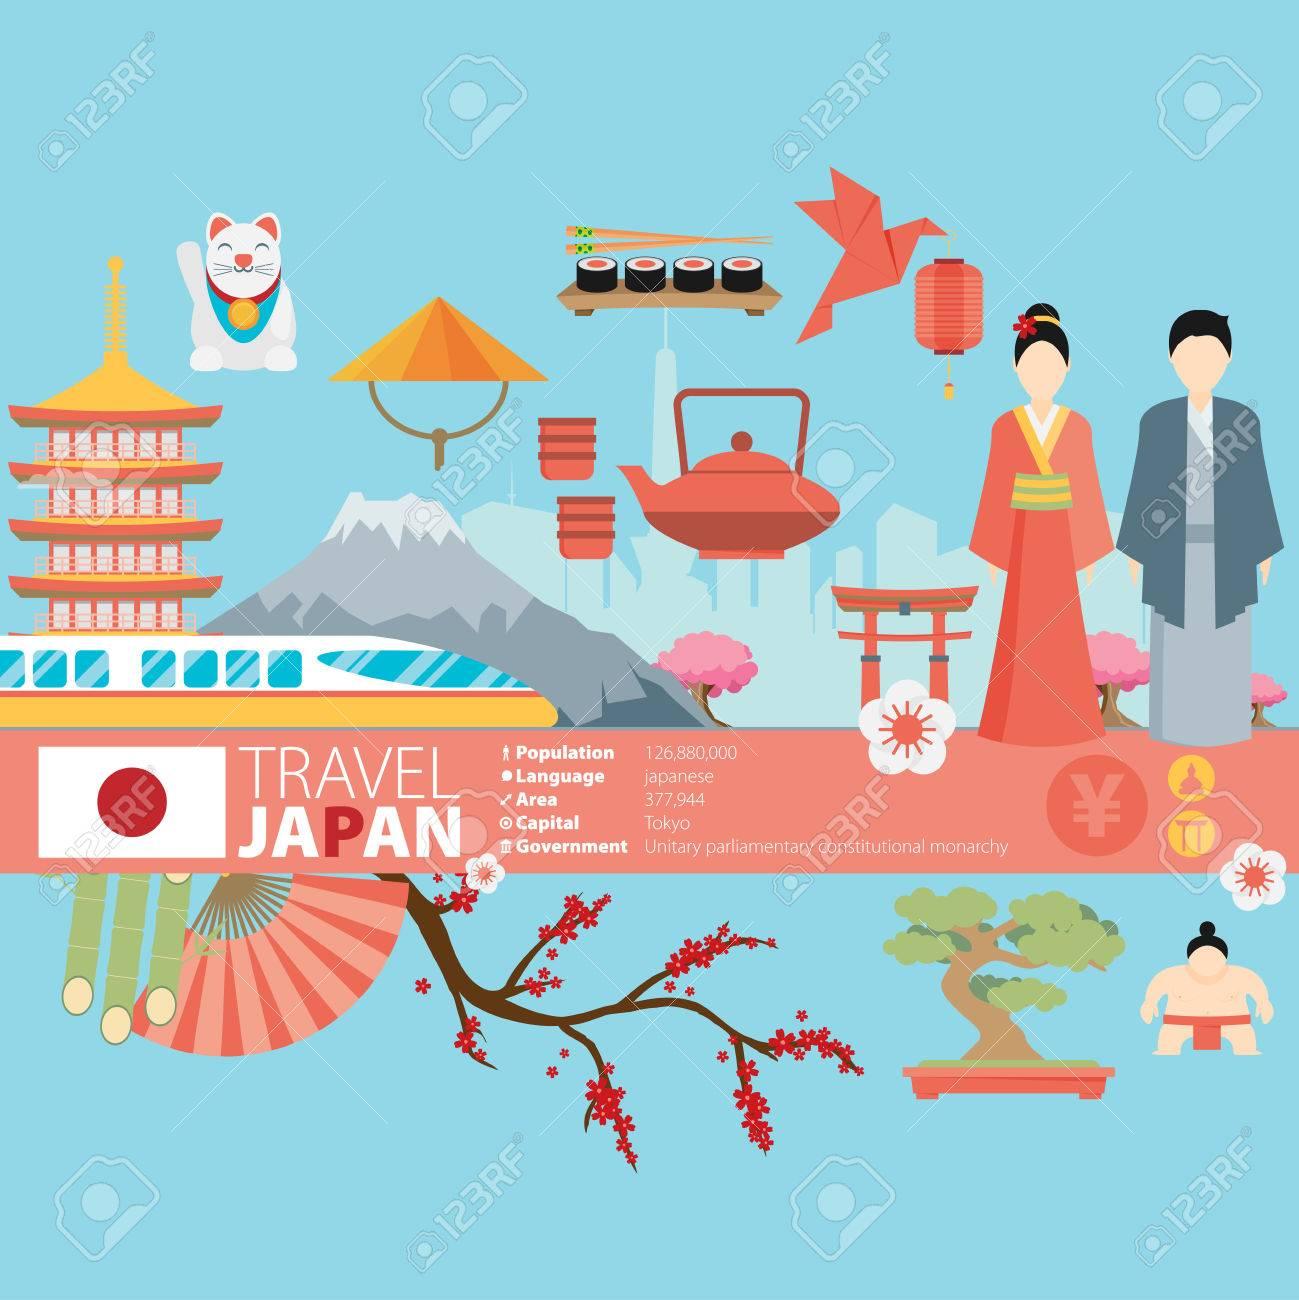 日本背景デザイン。日本をテーマにイラスト。 ロイヤリティフリー